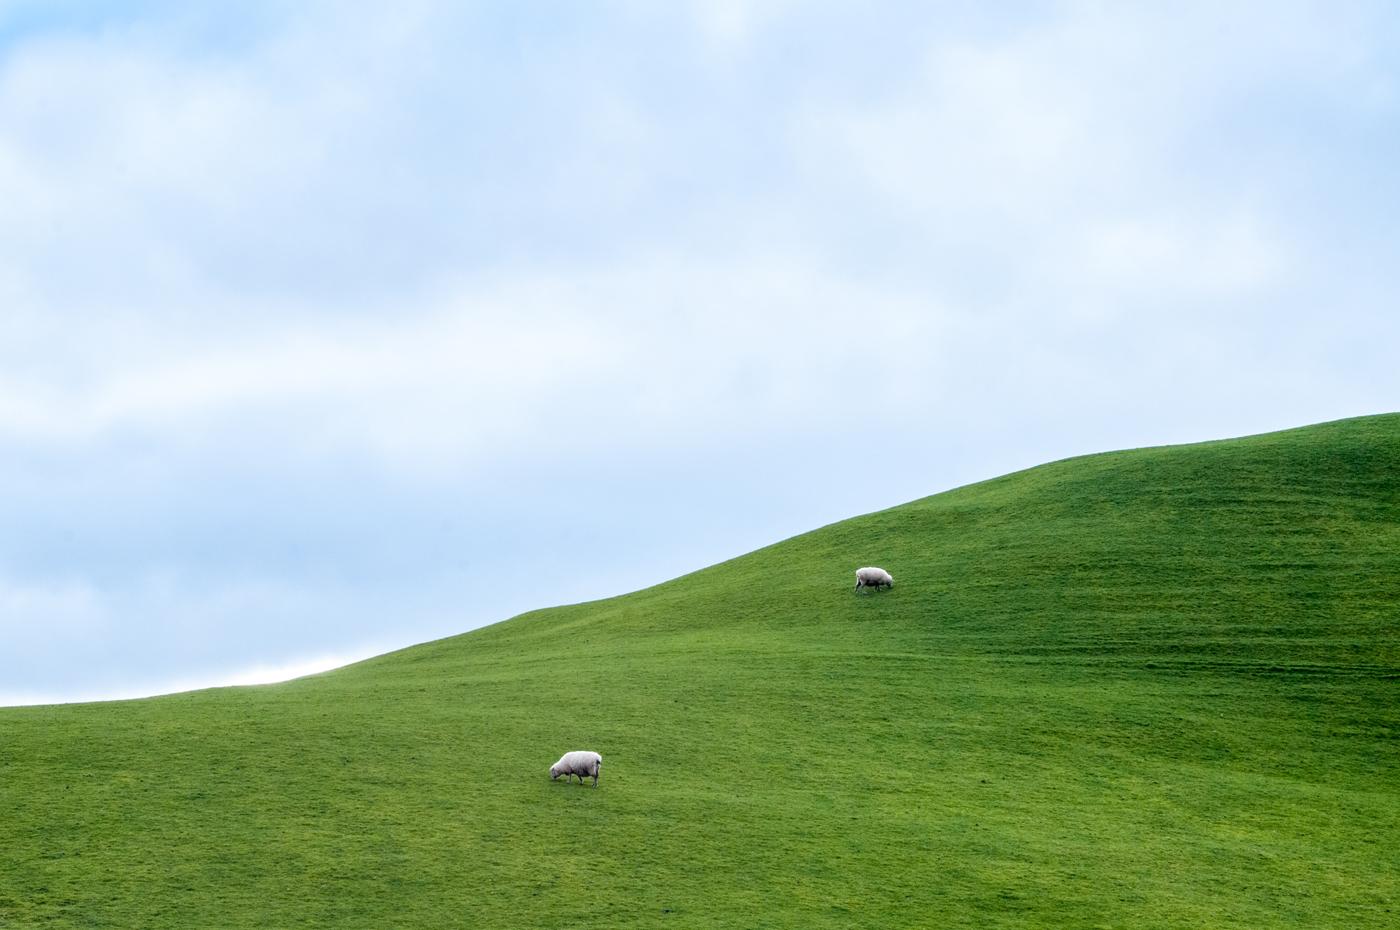 Downs_Emerald Hills